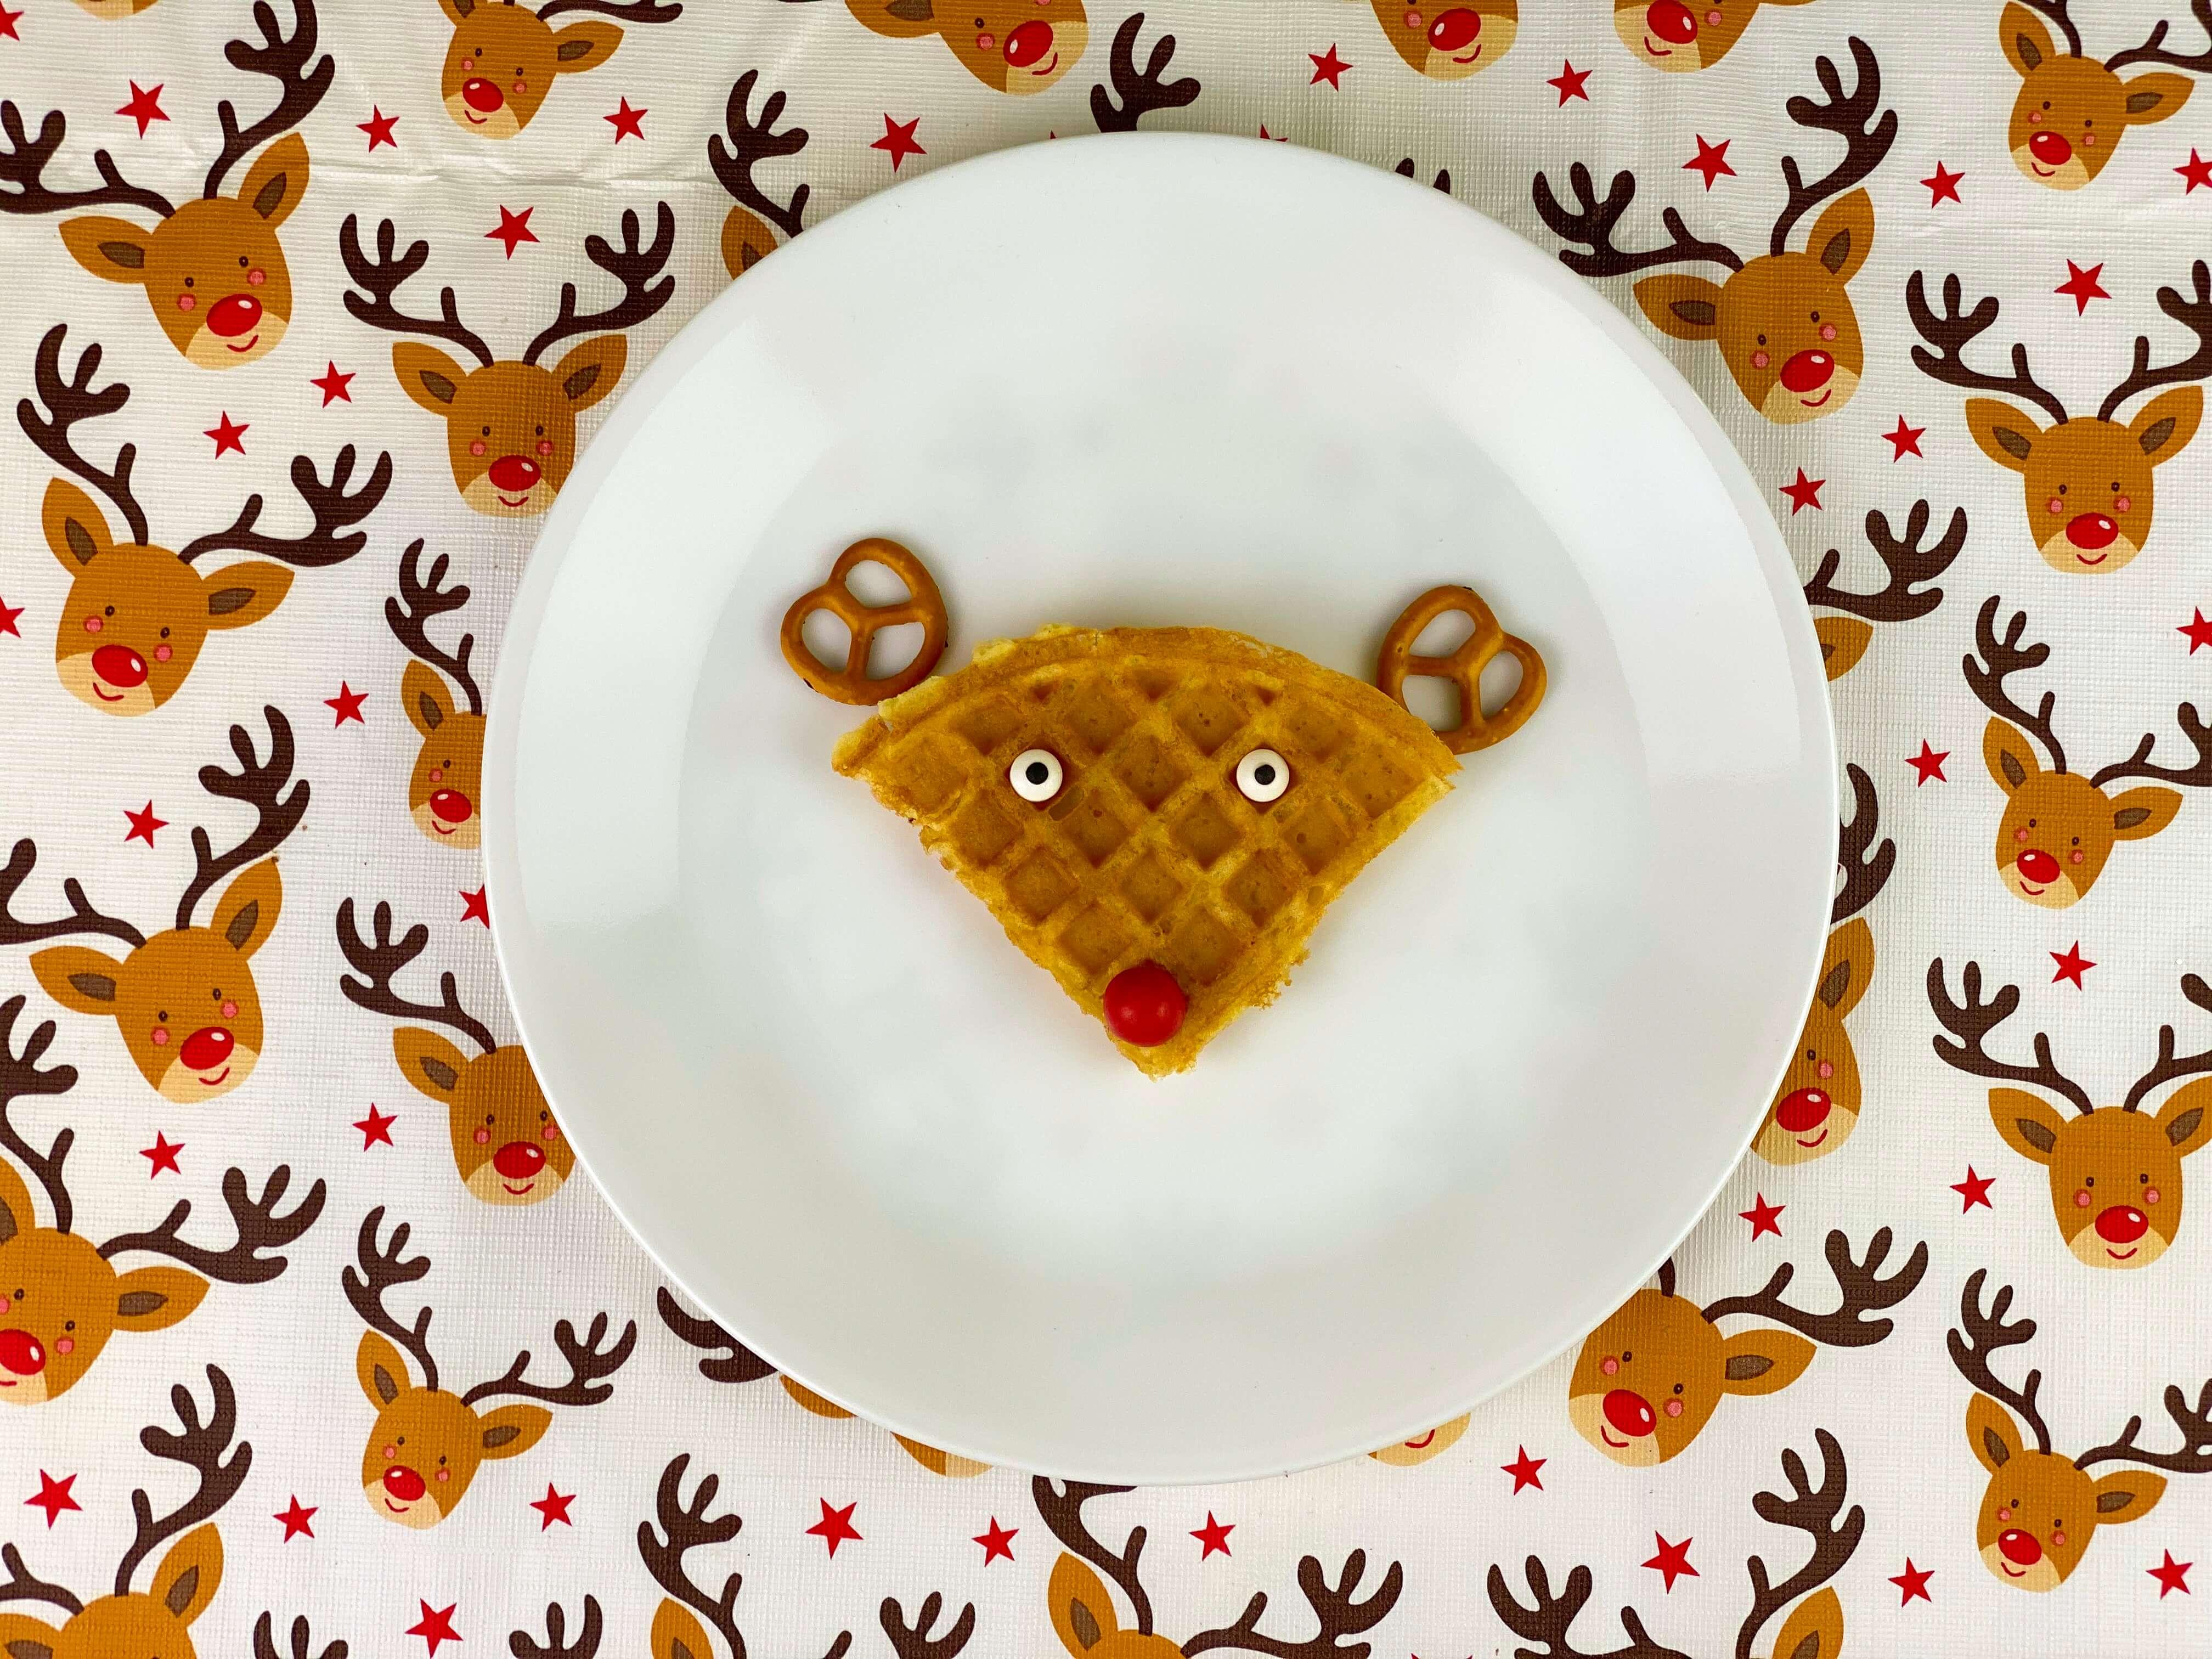 Christmas breakfast ideas - reindeer waffles